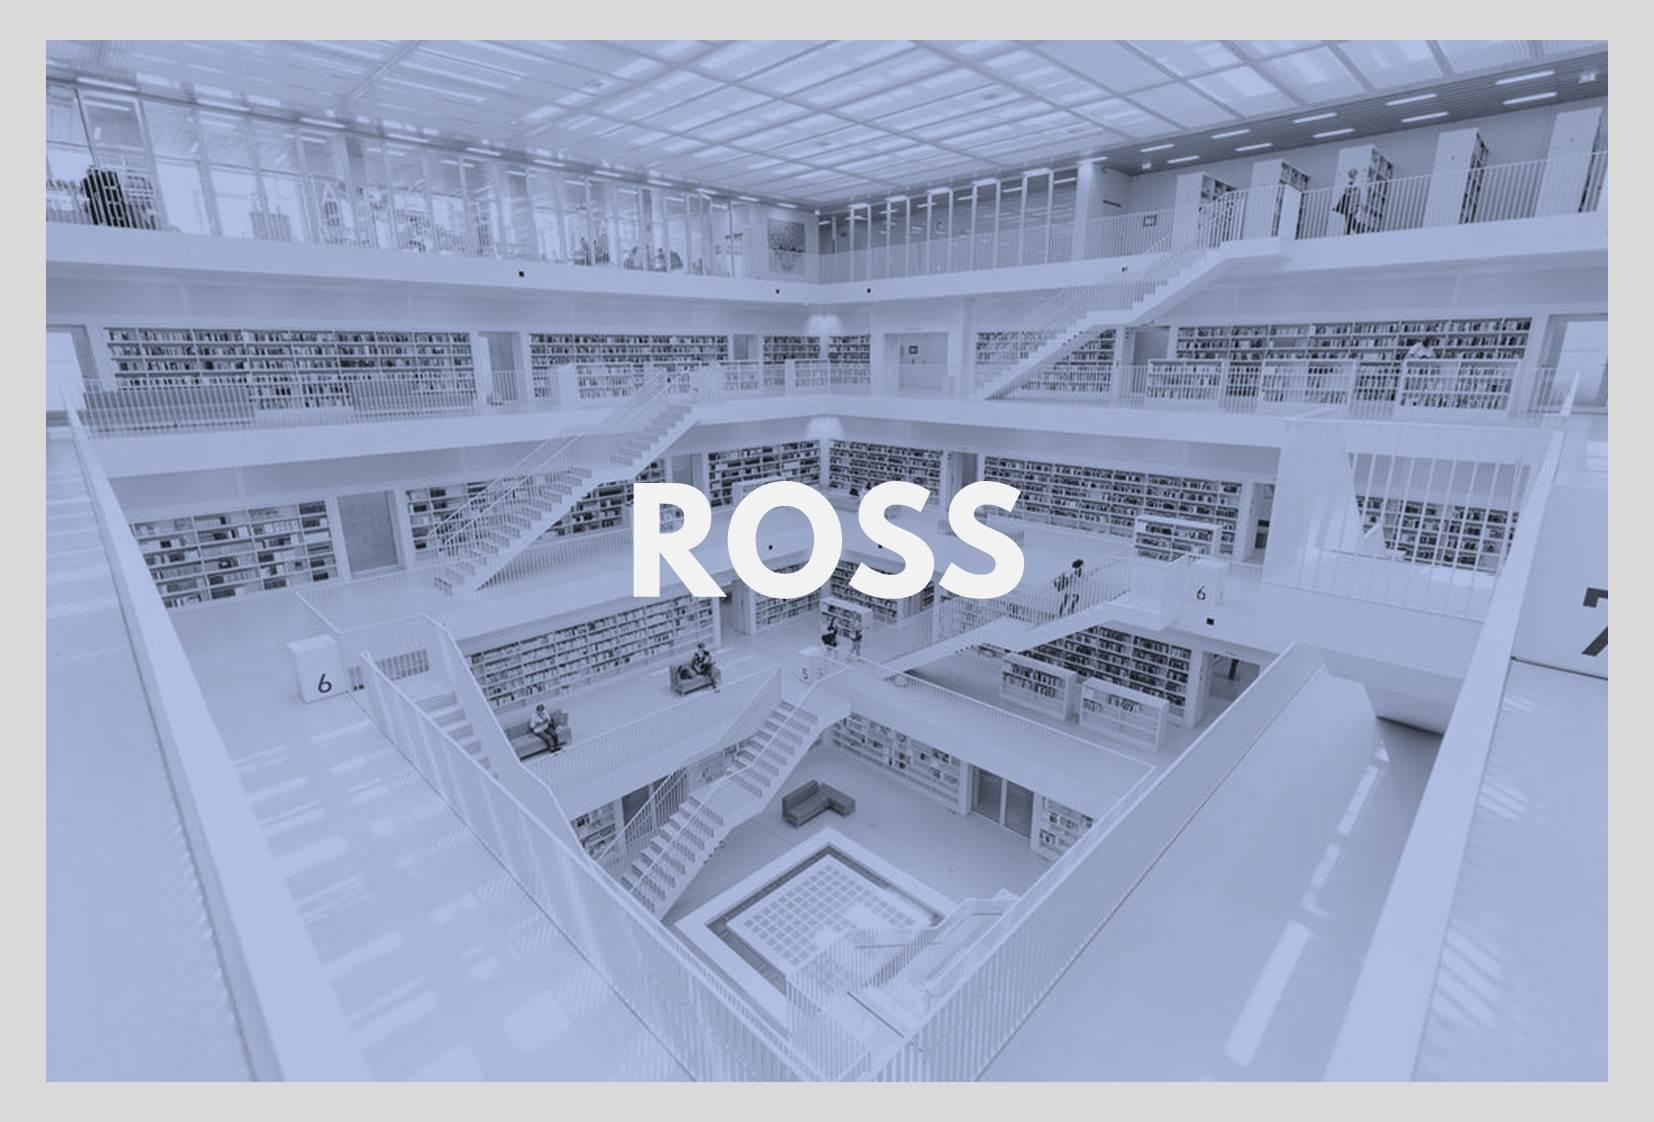 Ross 5